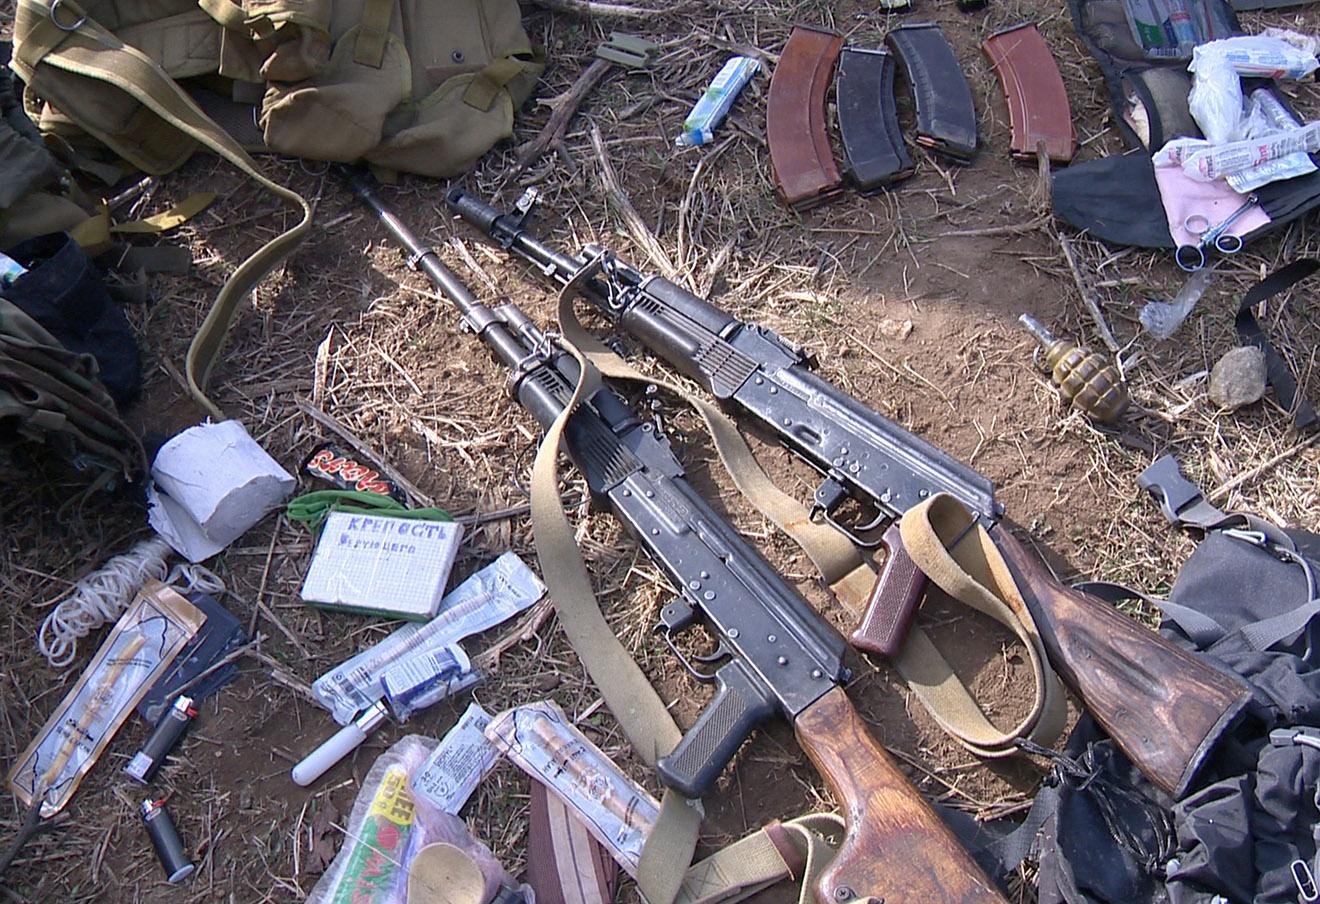 Оружие, изъятое во время контртеррористической операции в Дагестане.